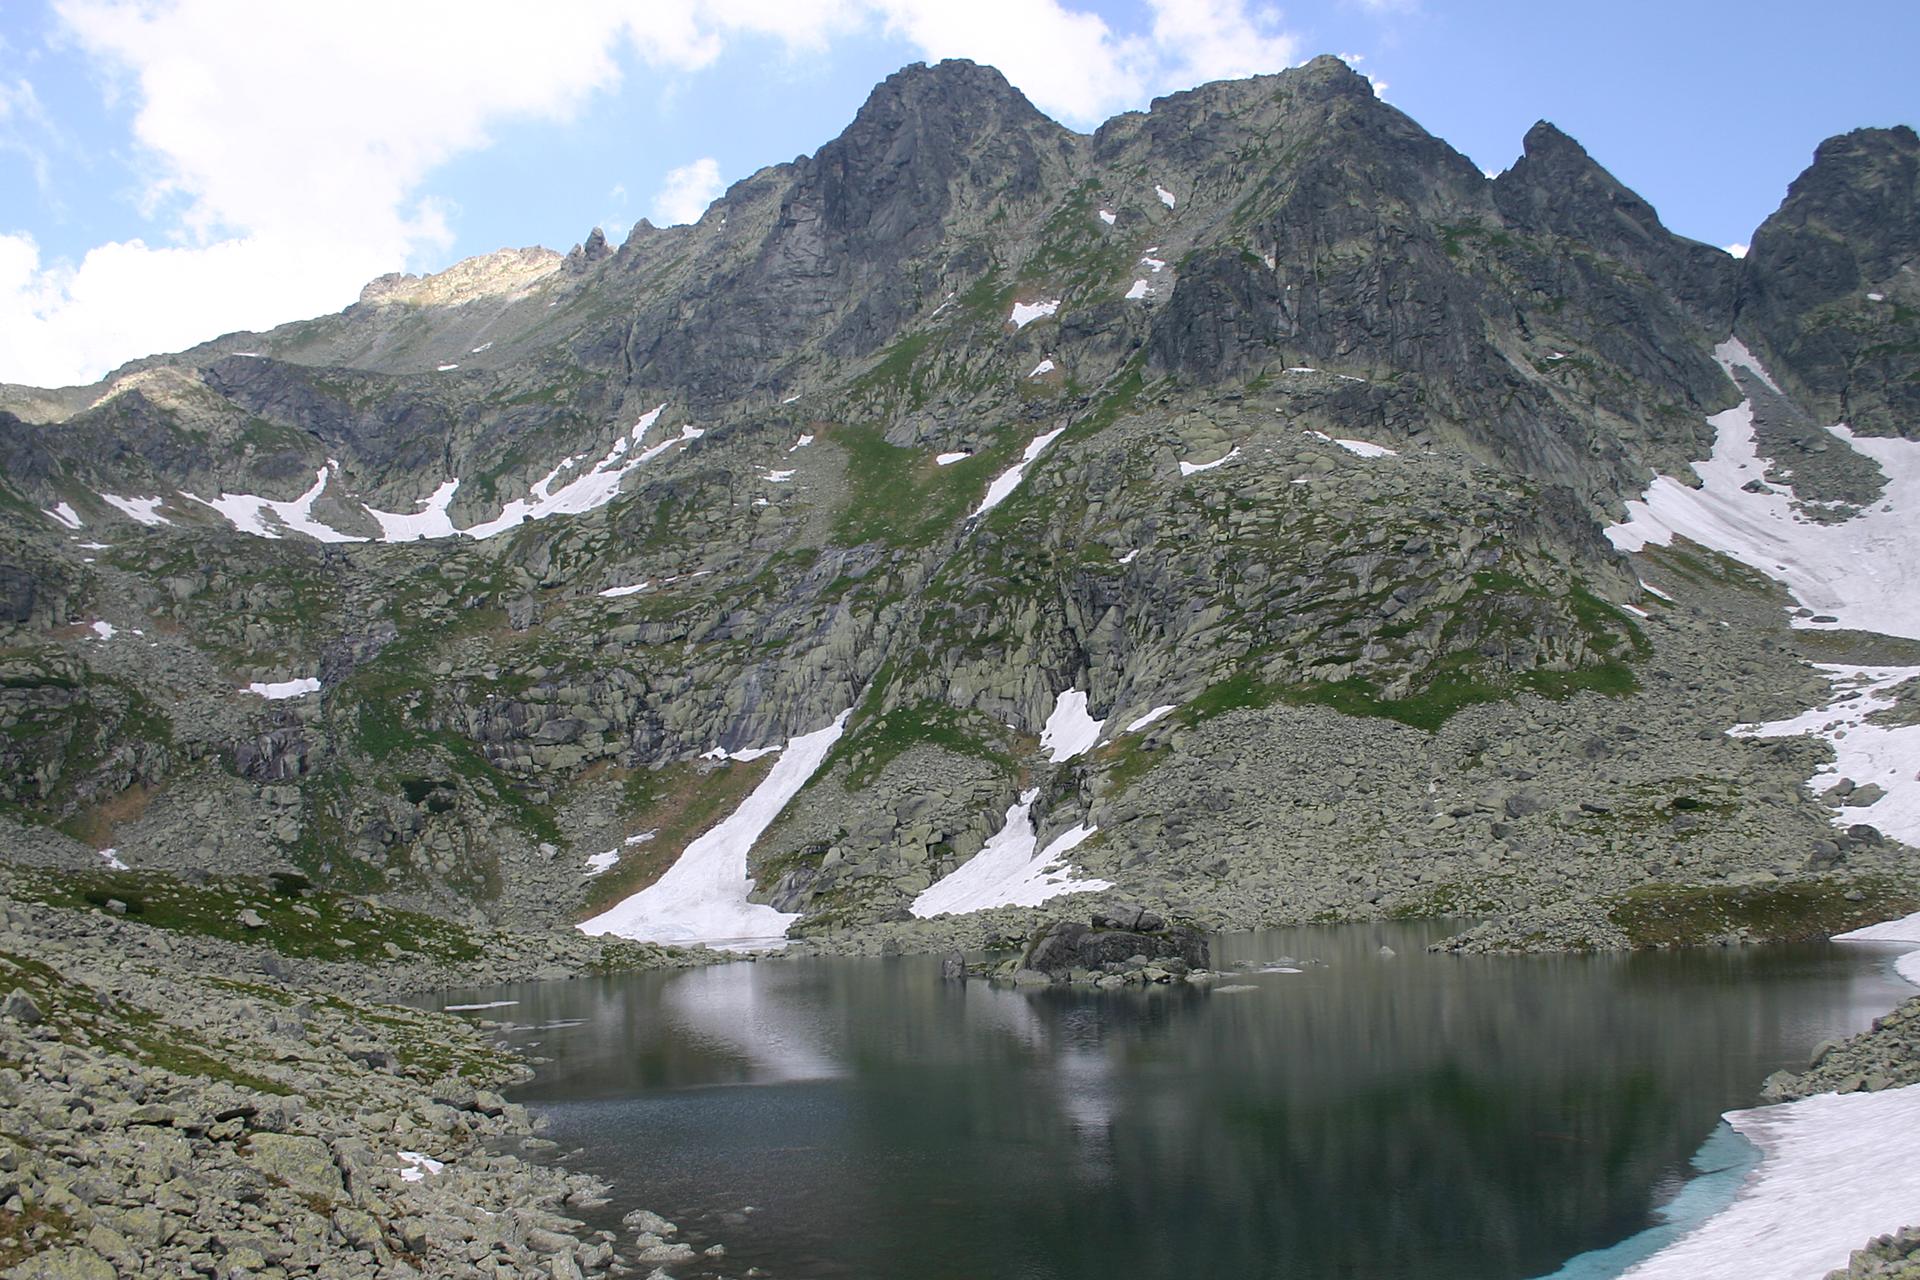 Fotografia ukazująca panoramę gór wysokich nad jeziorem, Morskim Okiem. Widoczne cztery szczyty górskie, zktórych najwyższy po lewej stronie, to Rysy. Stoki szczytów gdzieniegdzie są pokryte śniegiem.